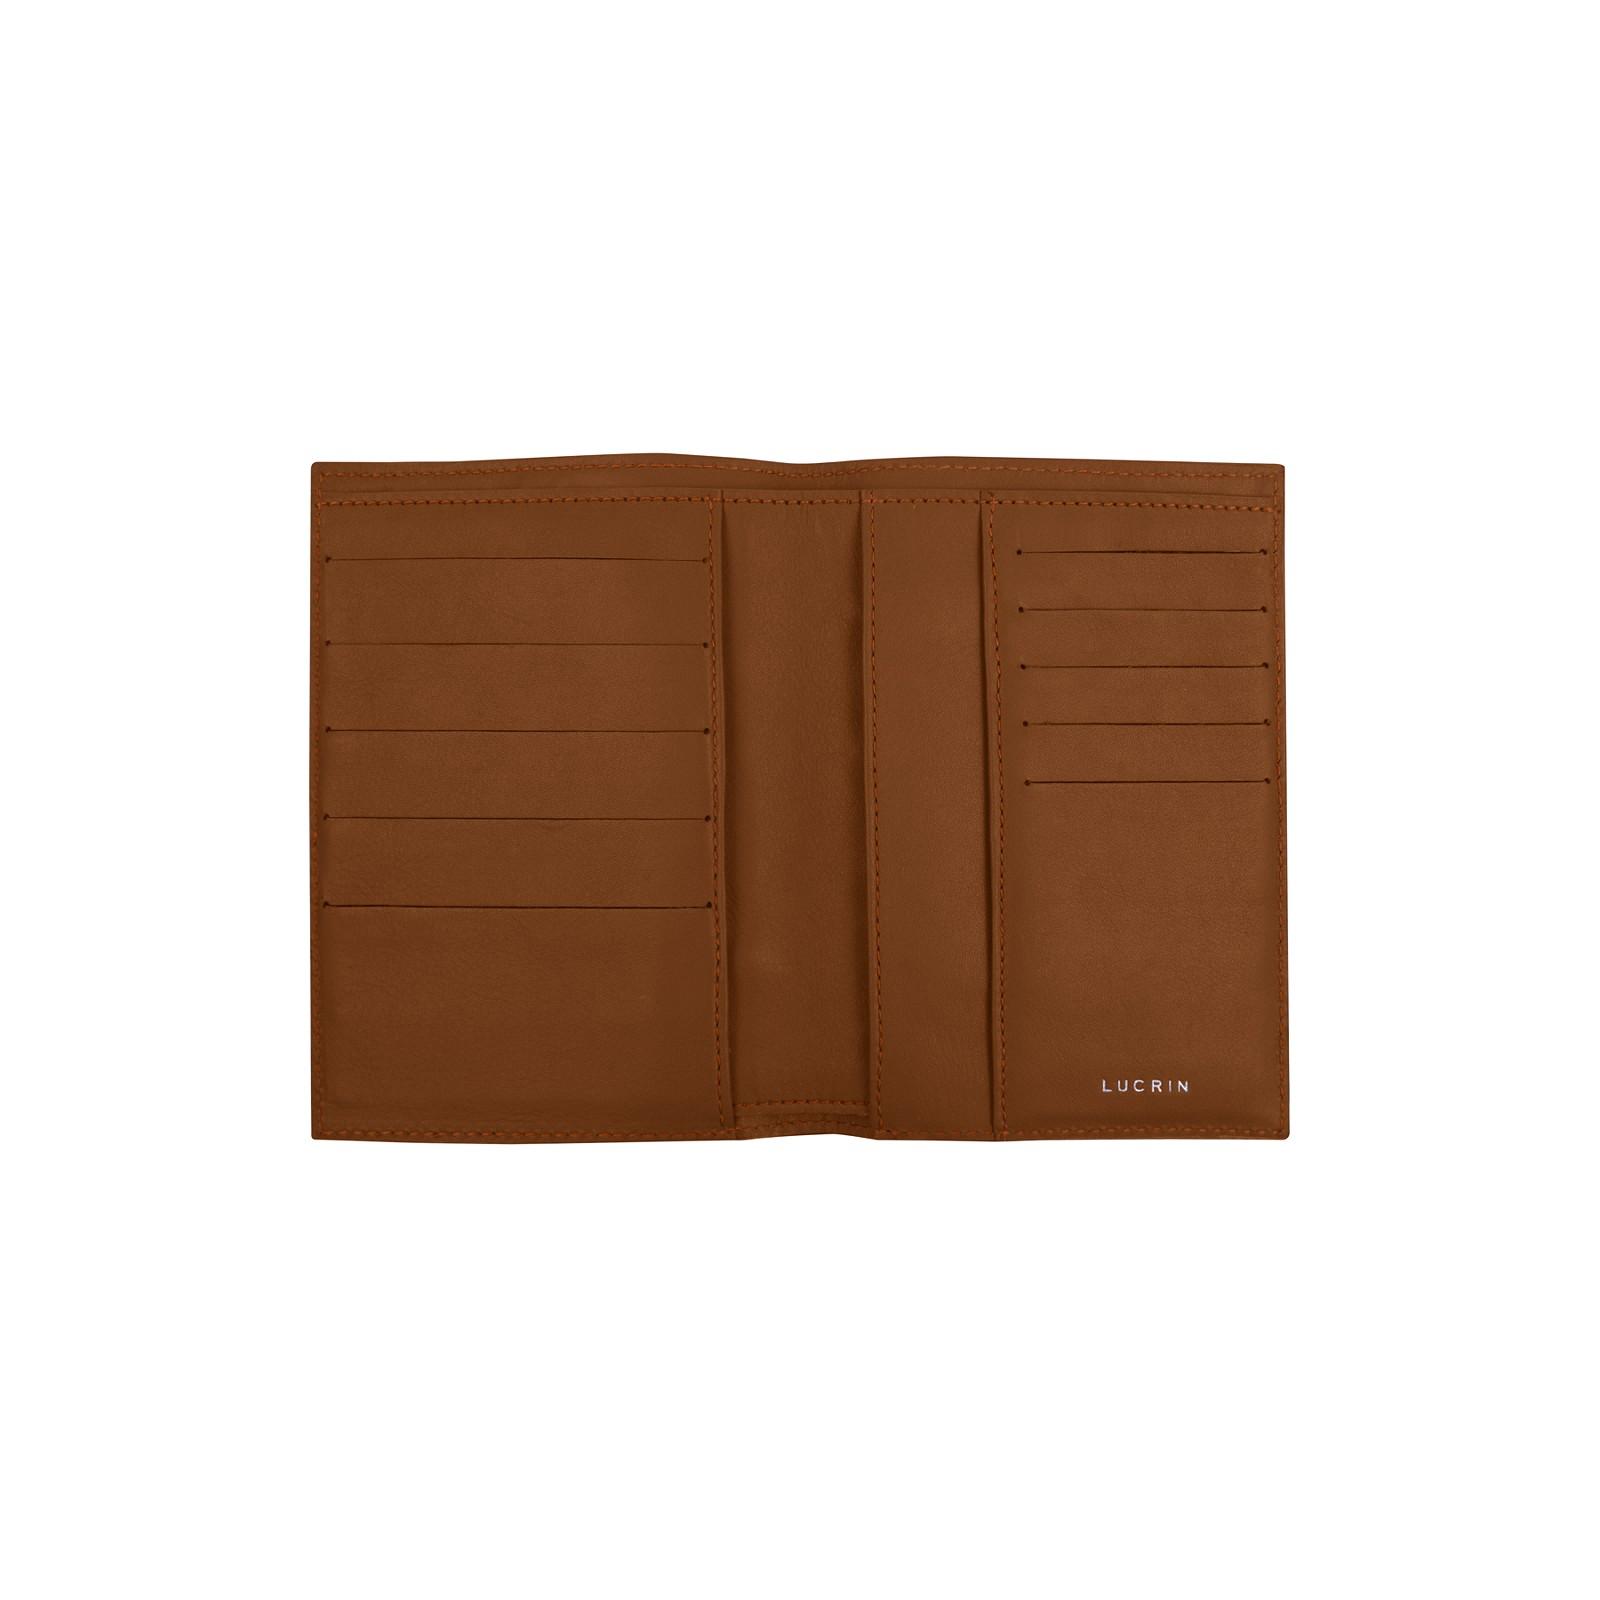 fce5a00145 Portafoglio e portacarte di credito Tan - Pelle Liscia Portafoglio e portacarte  di credito Tan - Pelle Liscia 